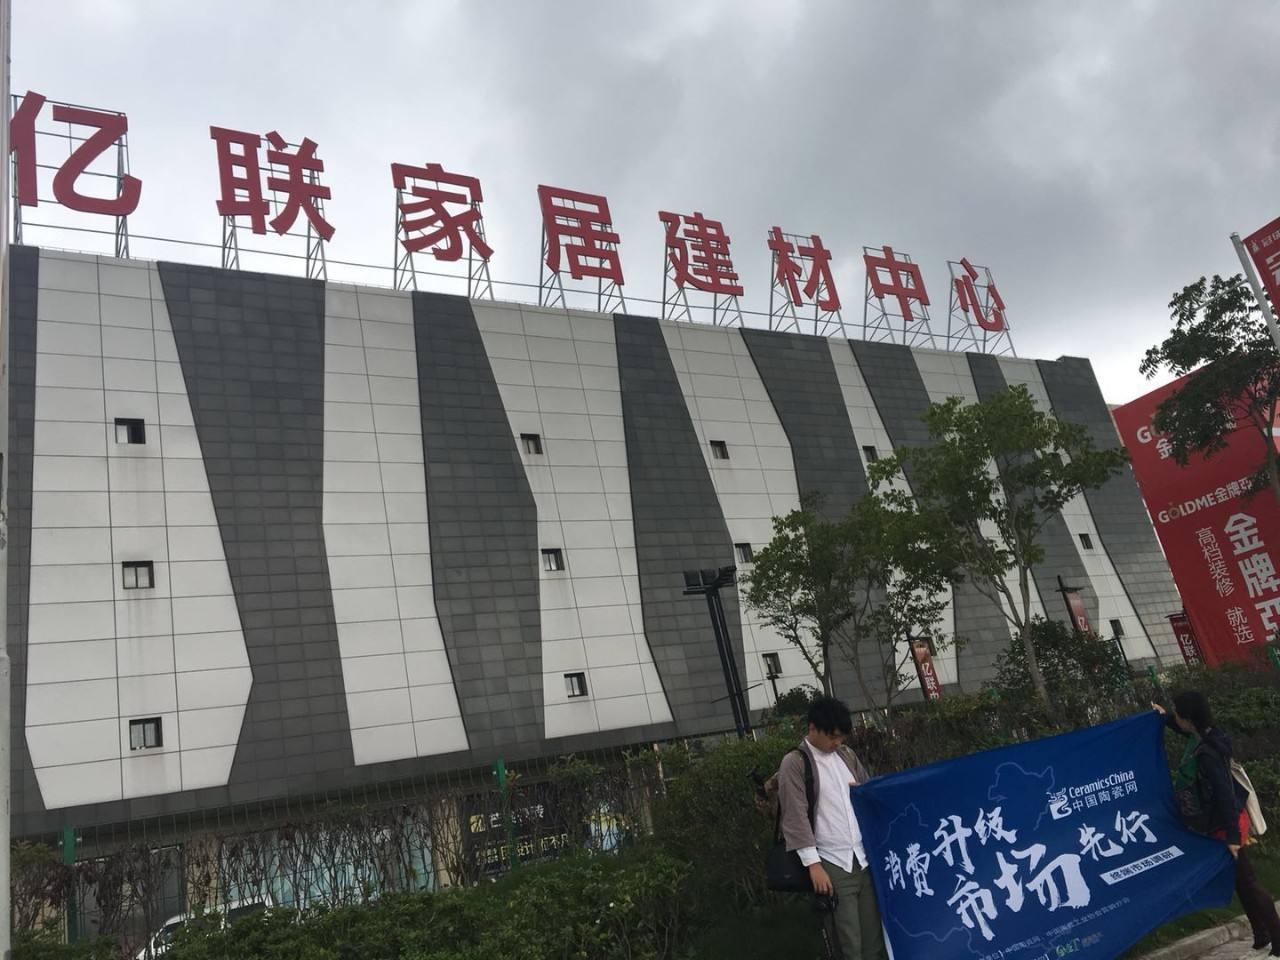 上海2019年最大的建材市场怎么样#-熊猫口碑网